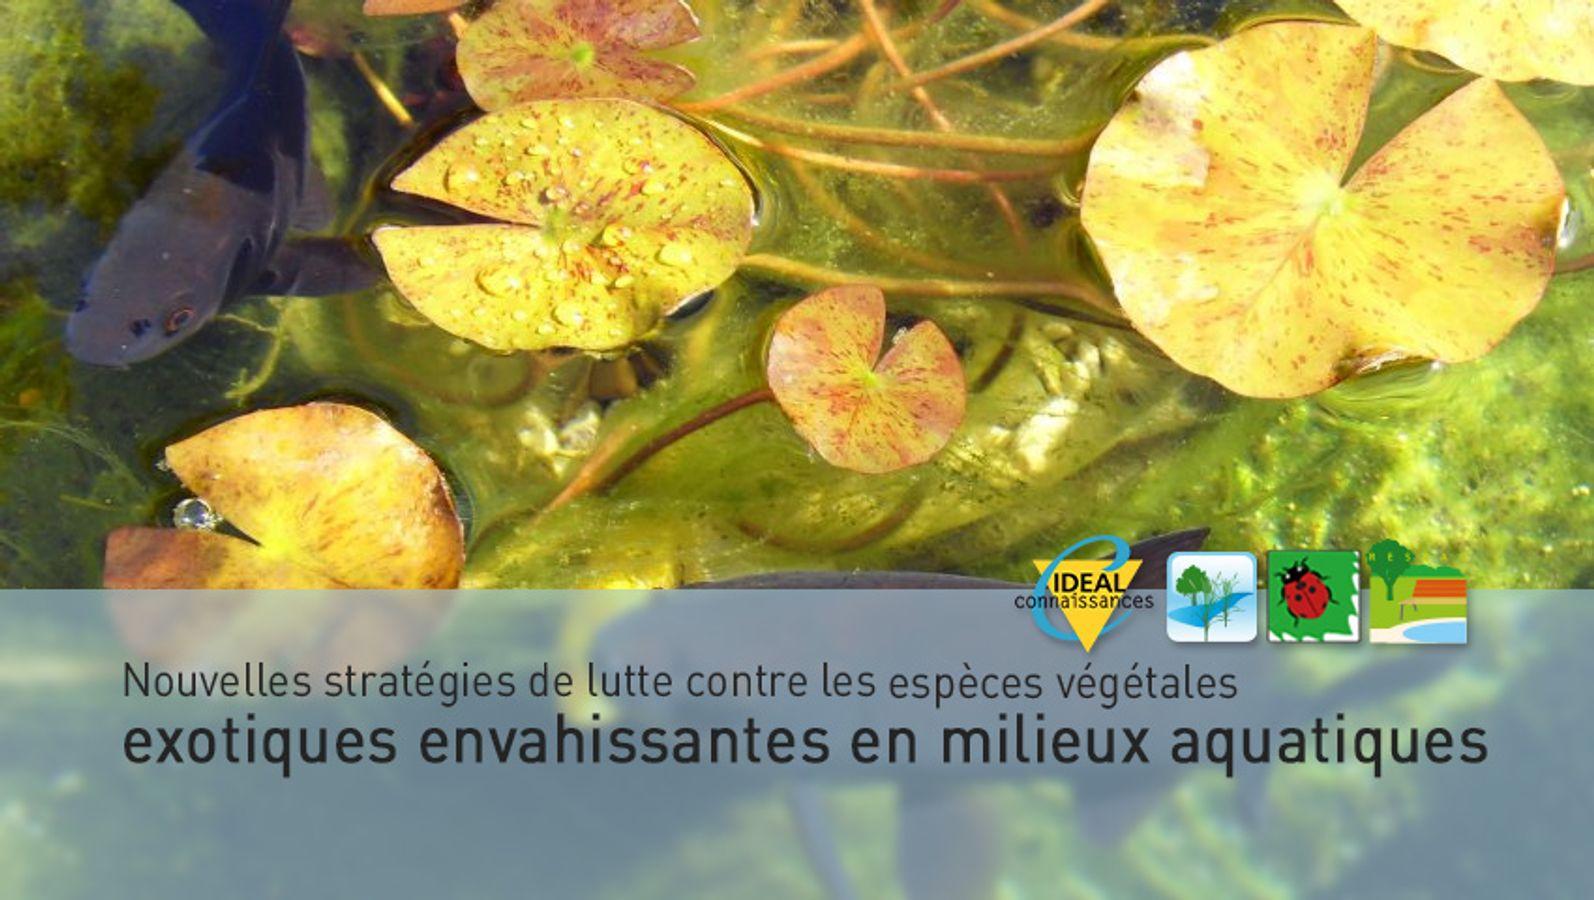 Nouvelles stratégies de lutte contre les espèces végétales exotiques envahissantes en milieux aquatiques